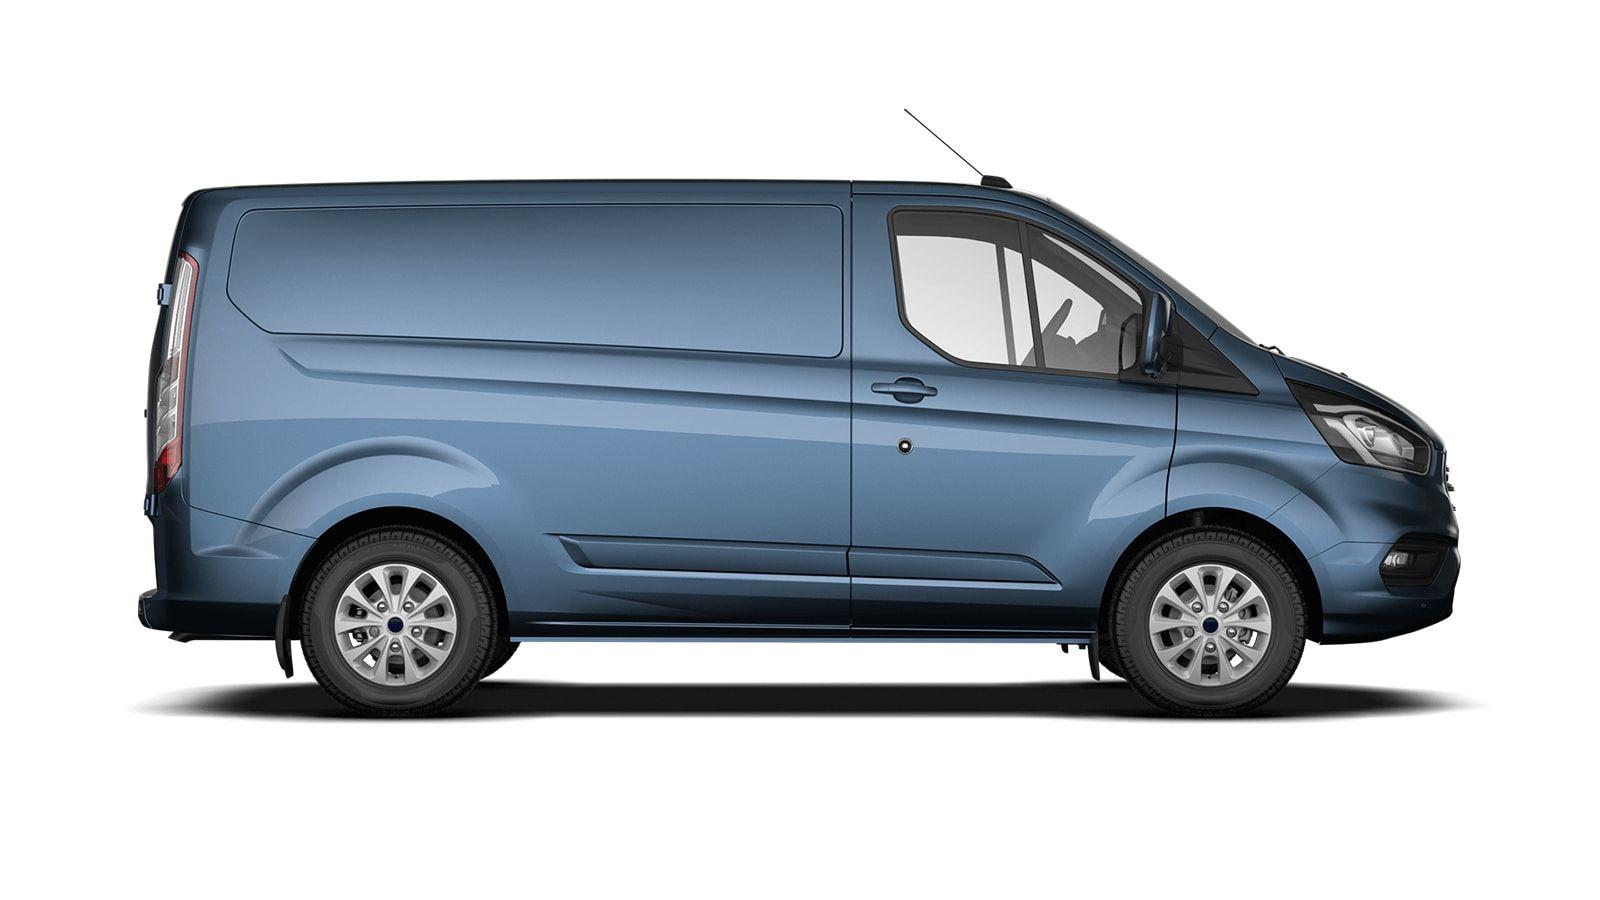 Nieuw Ford Transit custom 340S Gesloten bestelwagen L1 Limited pHEVAut 1.0 Petrol 125 BYB - Metaalkleur: Chrome Blue 4